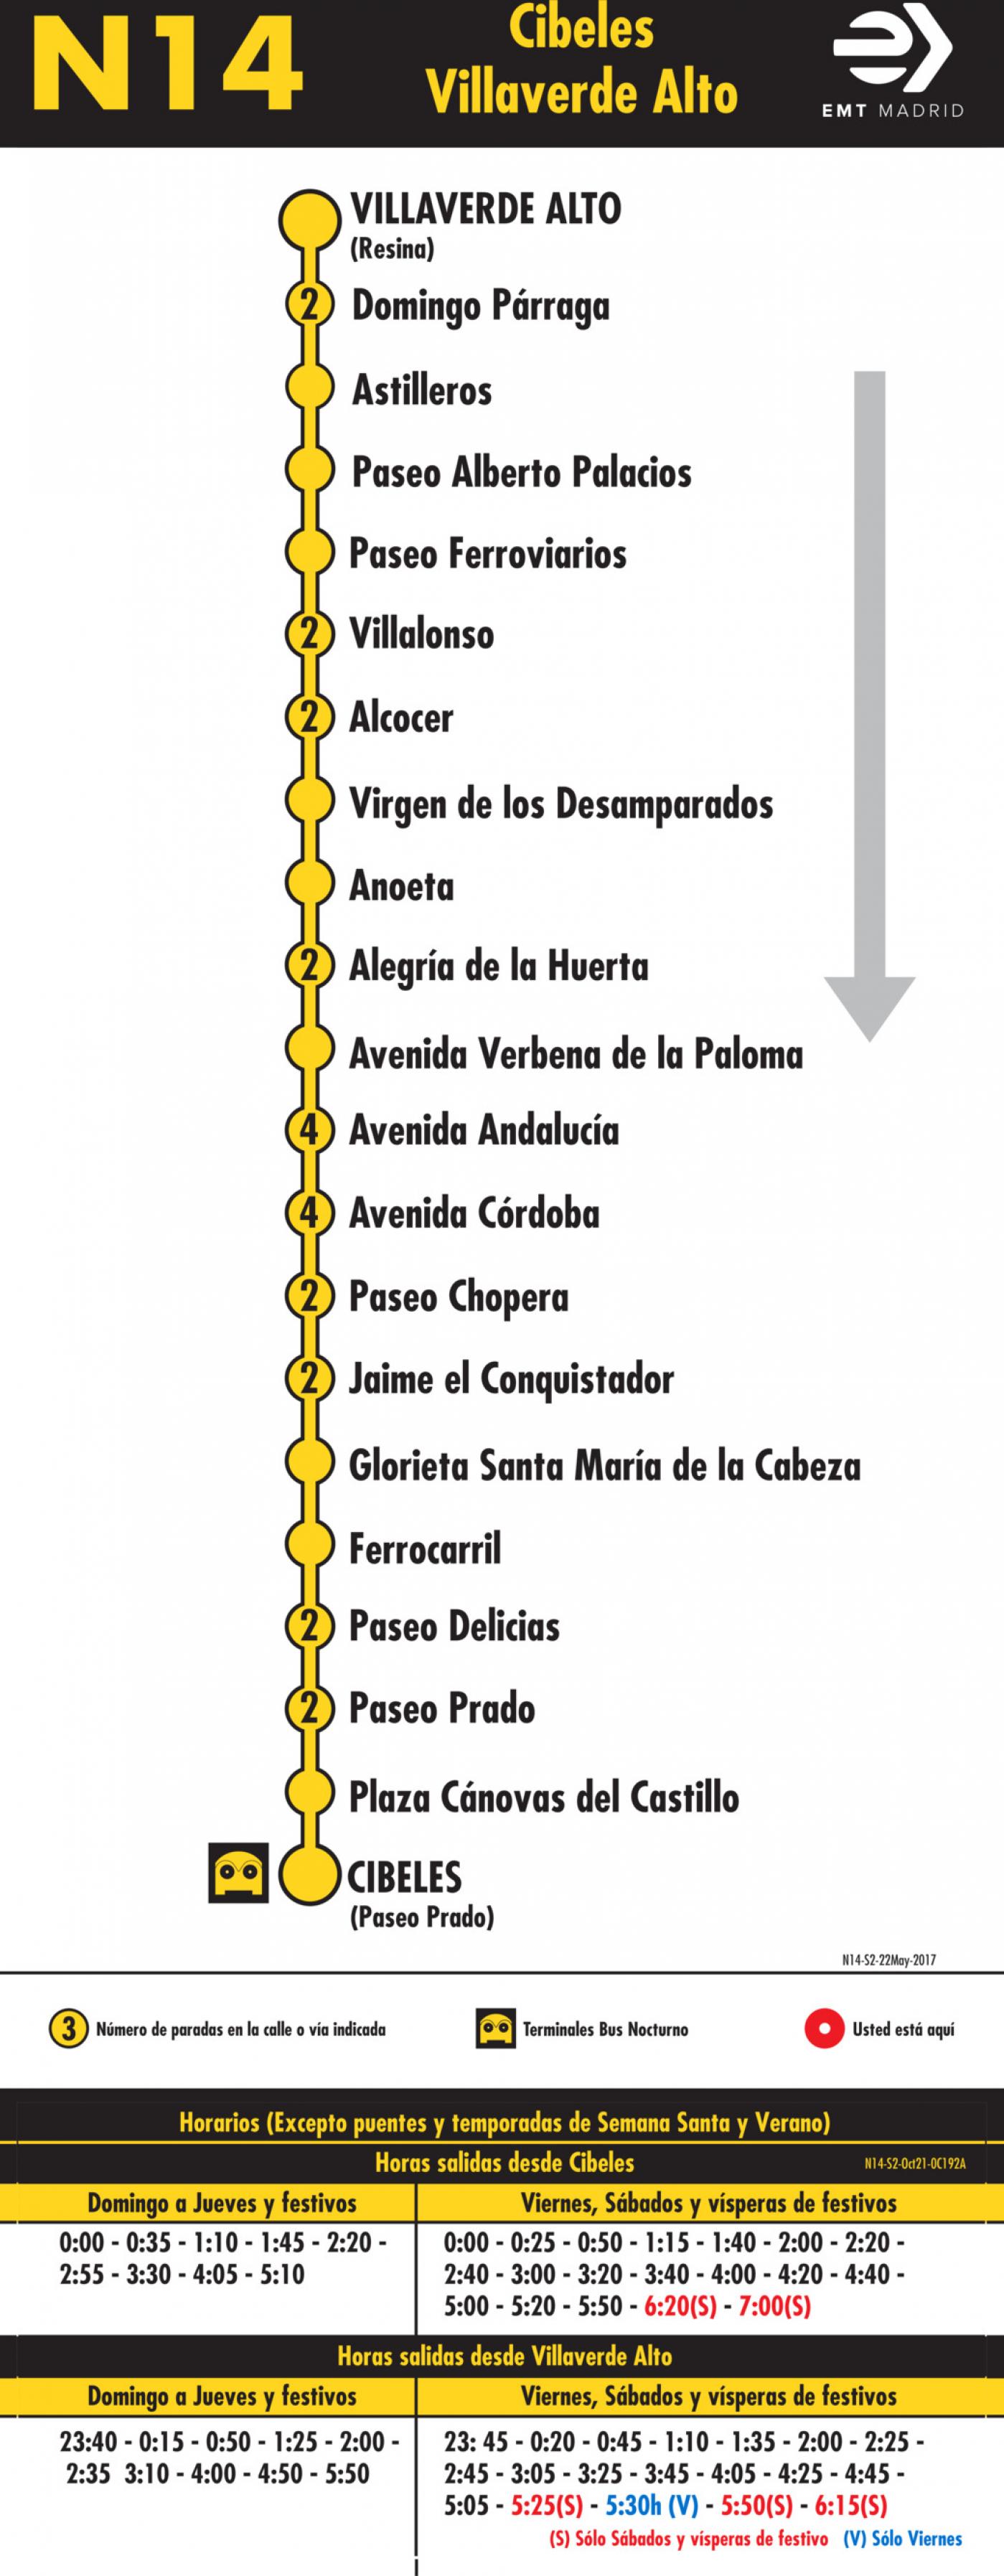 Tabla de horarios y frecuencias de paso en sentido vuelta Línea N14: Plaza de Cibeles - Villaverde Alto (búho)